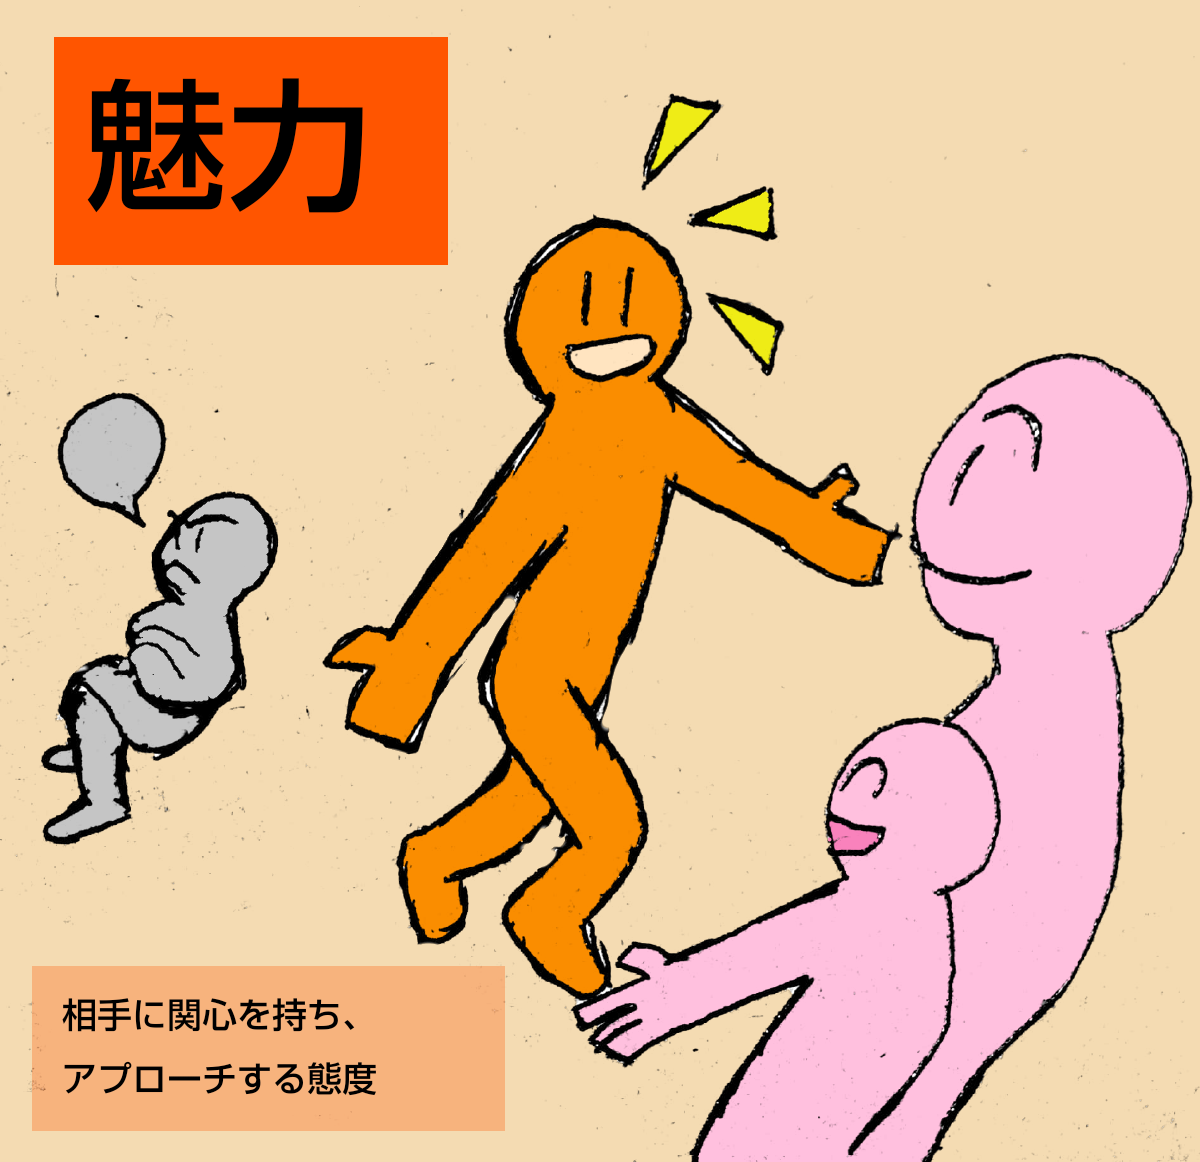 f:id:karasumiyama:20200830184138p:plain